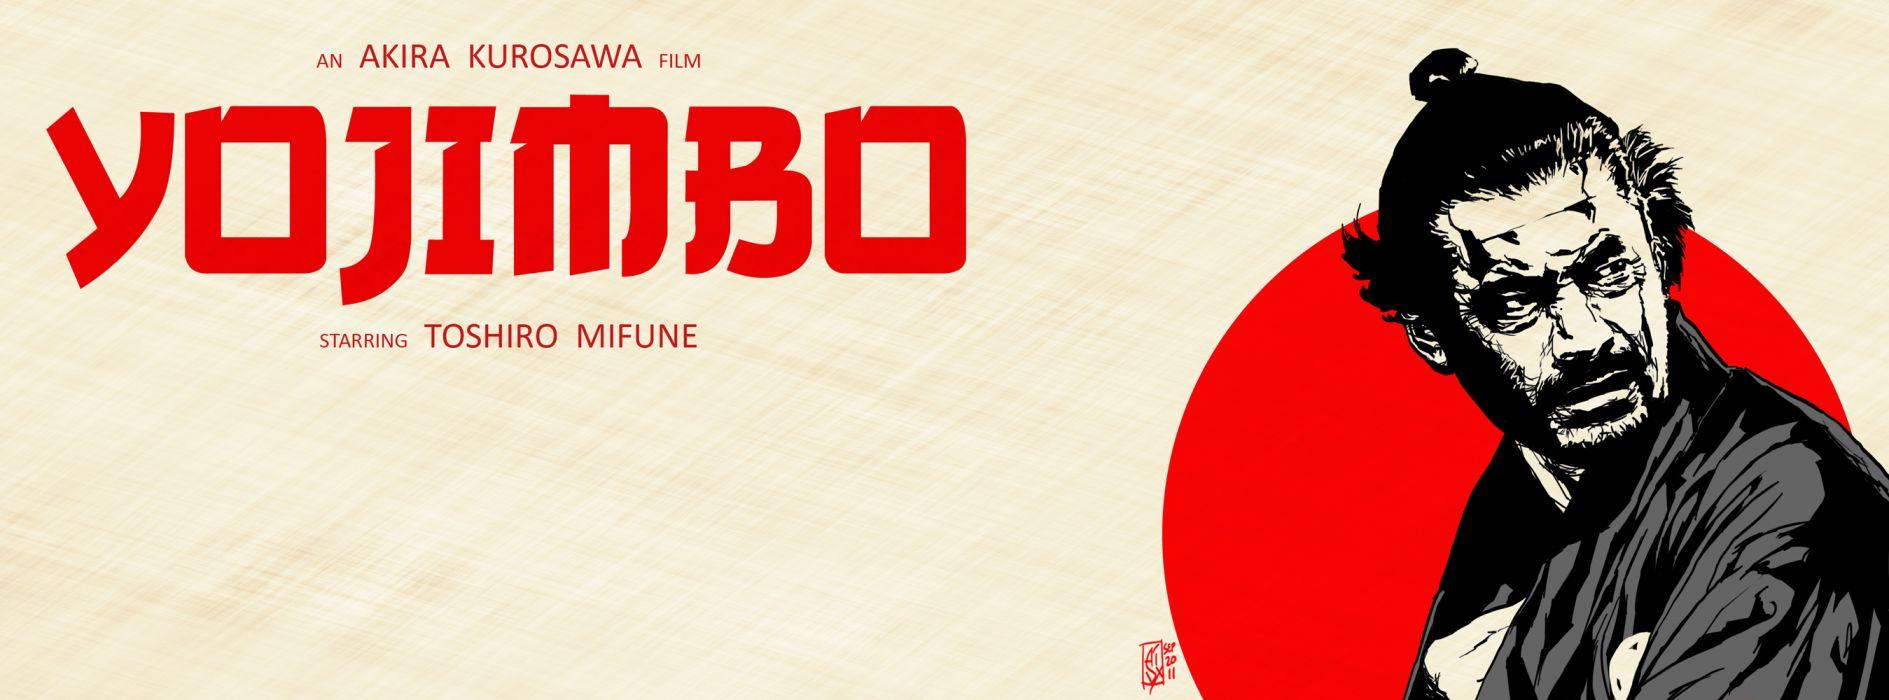 YOJIMBO martial arts action drama thriller (10) wallpaper